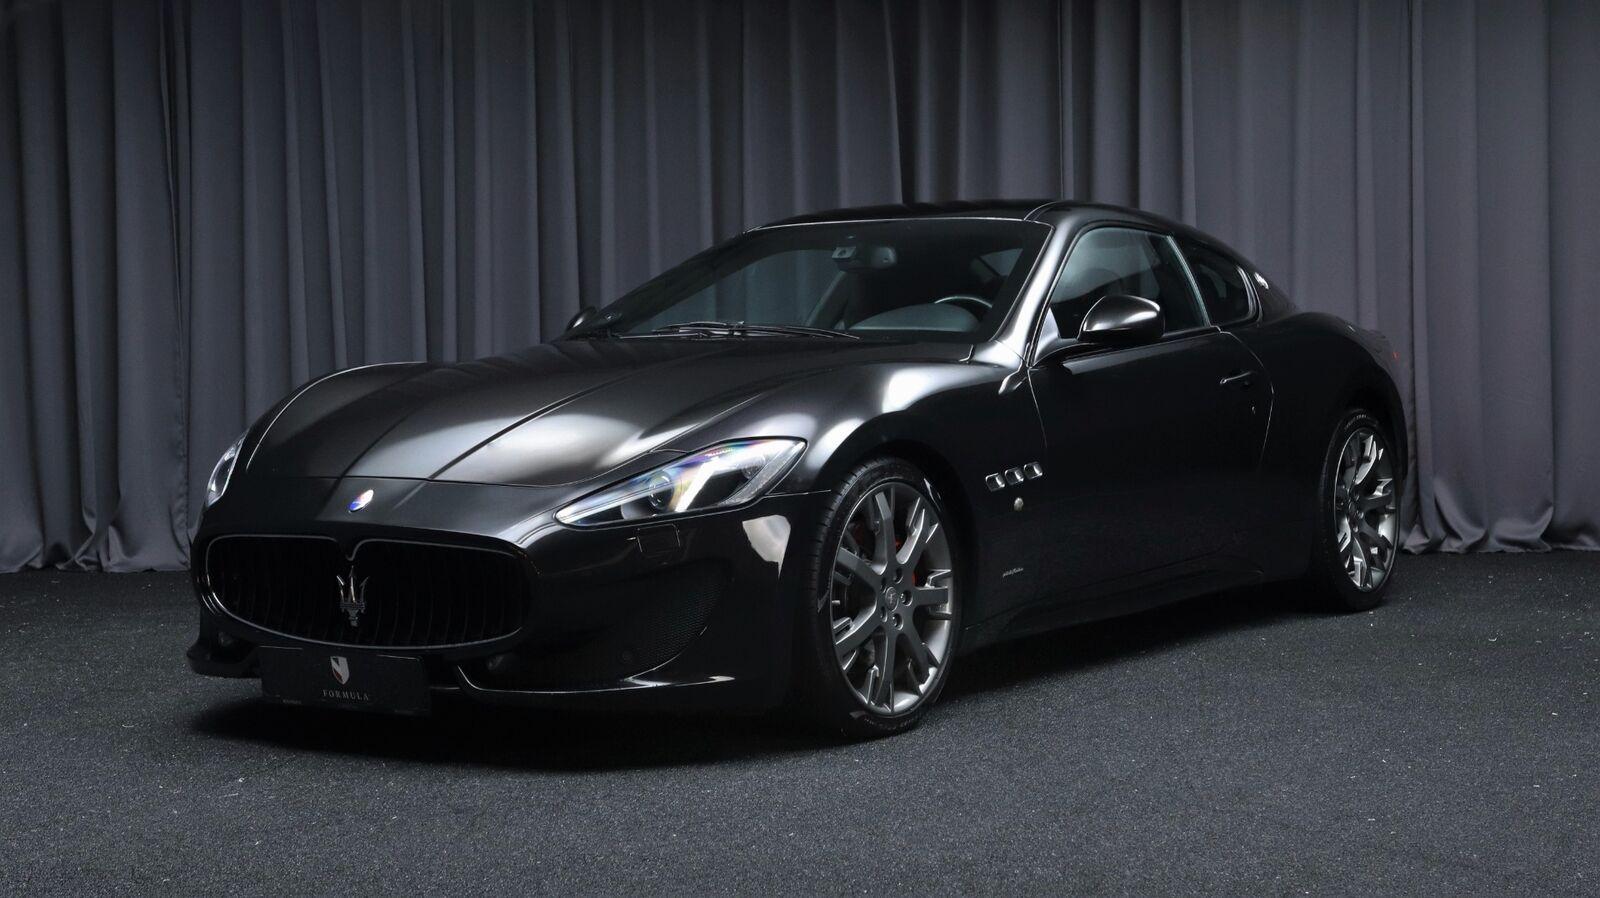 Maserati GranTurismo 4,7 Sport aut. 2d